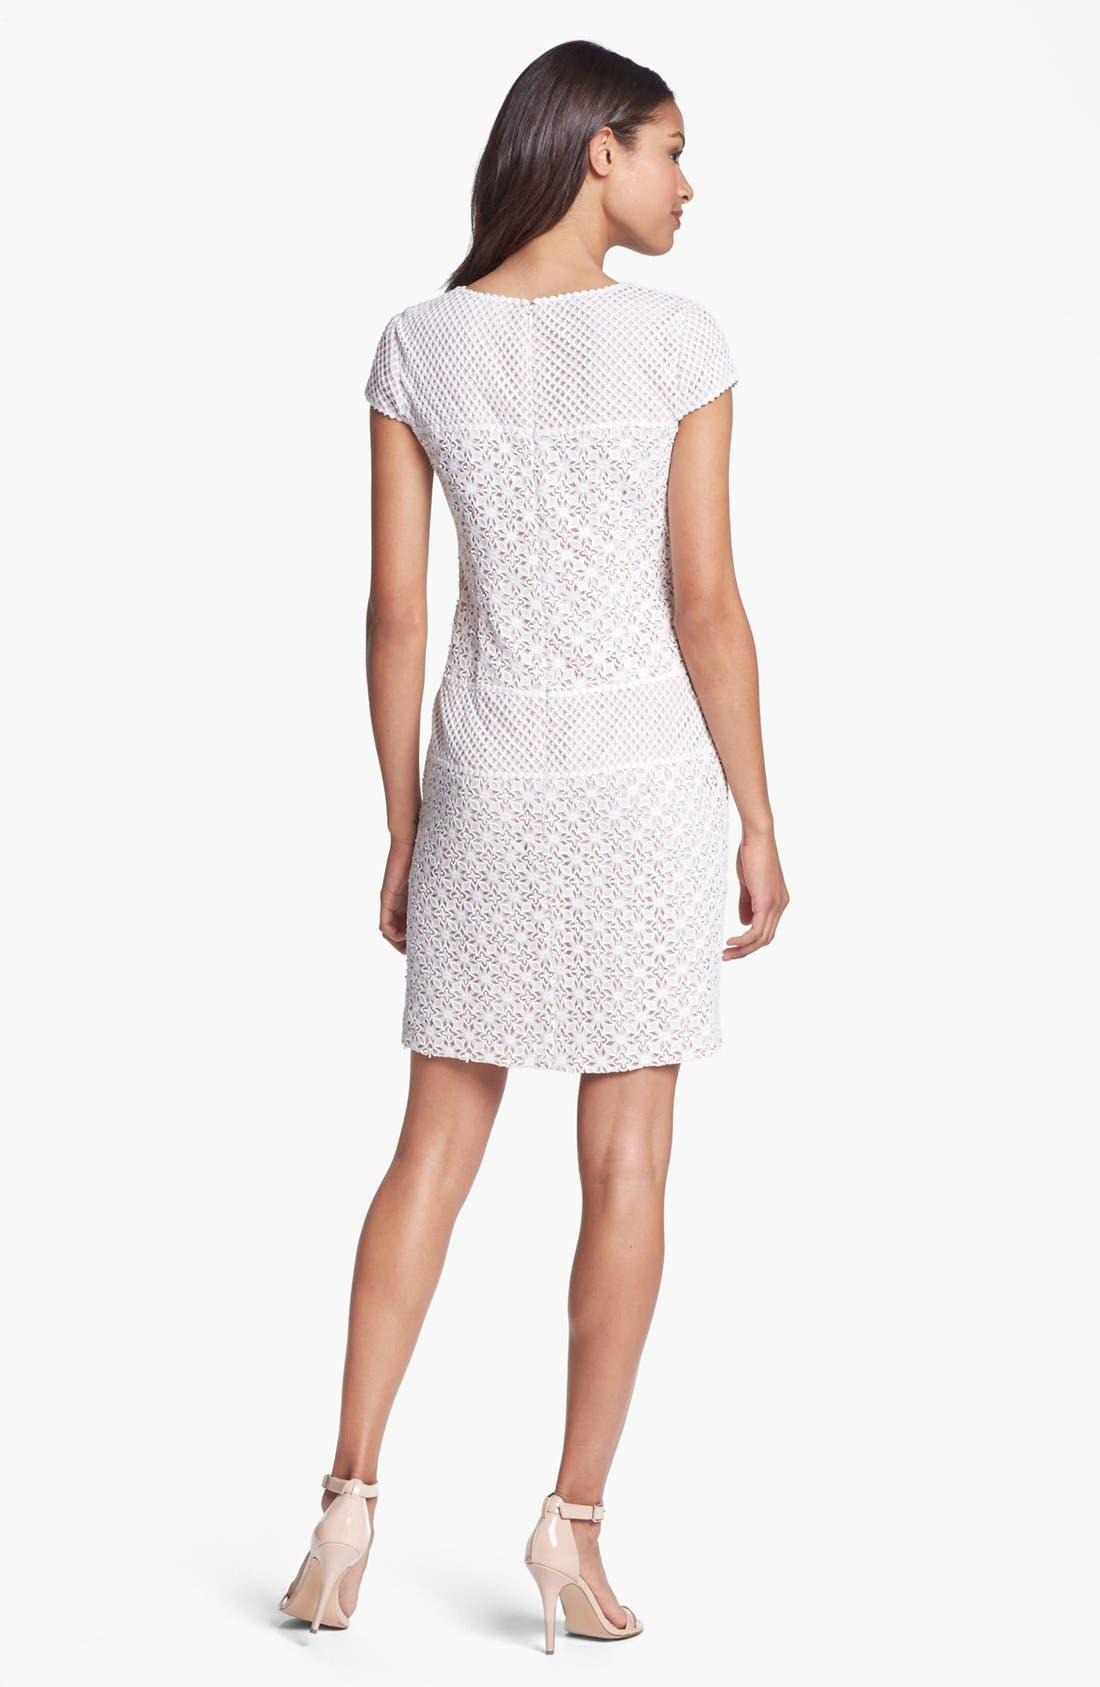 Alternate Image 2  - Ivy & Blu Mixed Lace Dress (Petite)